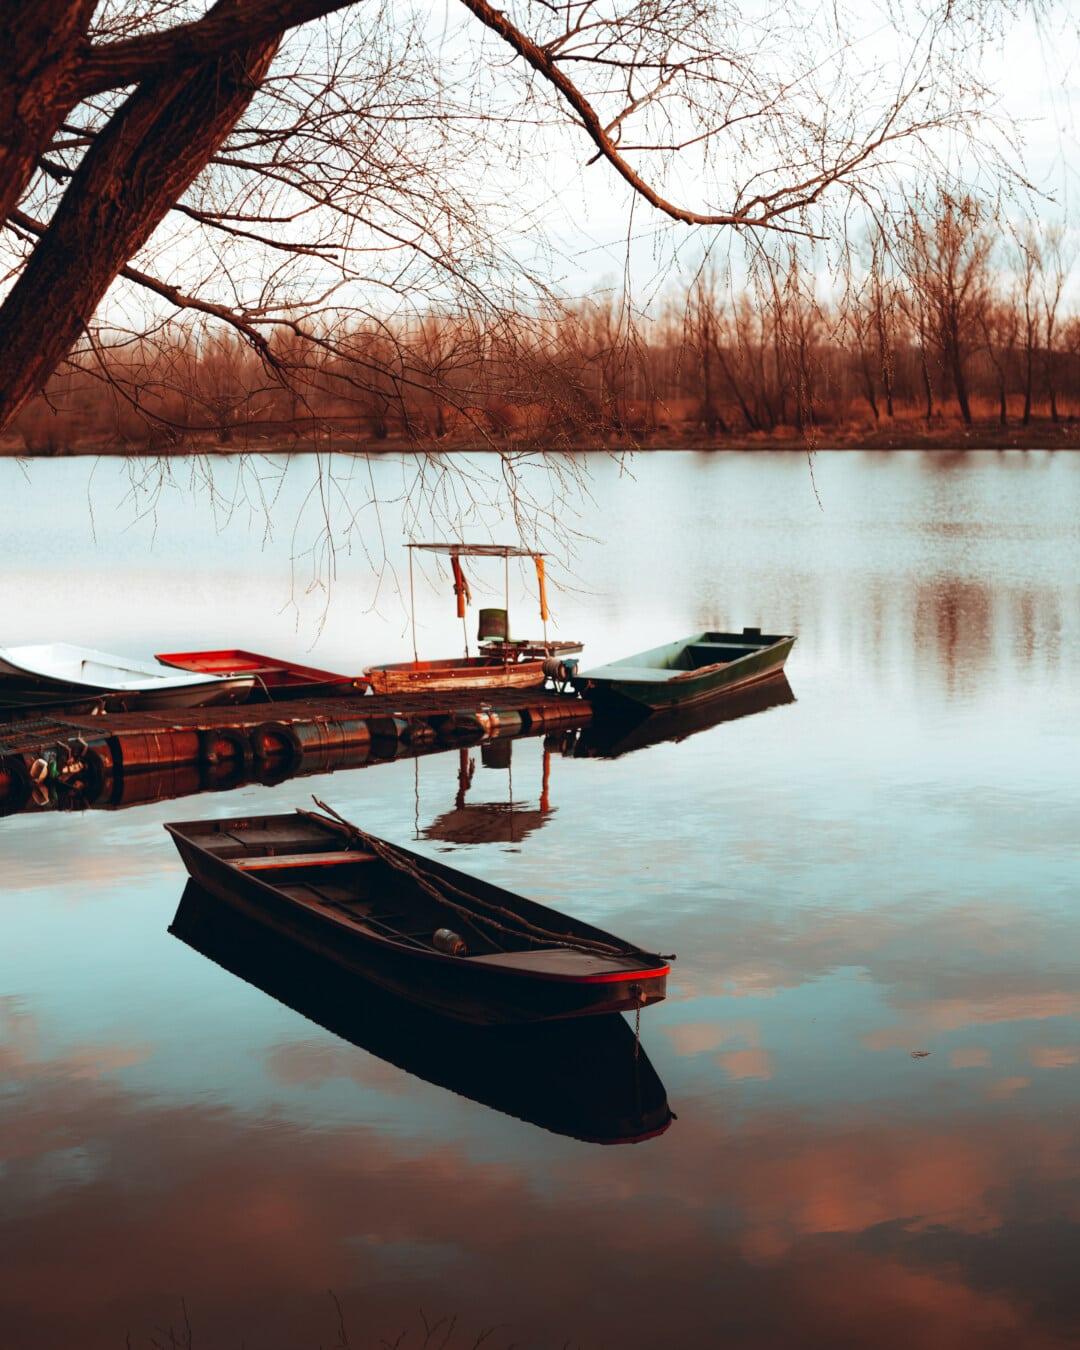 เรือแม่น้ำ, แม่น้ำ, ฝั่งแม่น้ำ, เรือประมง, ฤดูใบไม้ร่วง, ทะเลสาบ, น้ำ, สะท้อน, เรือ, พระอาทิตย์ตก